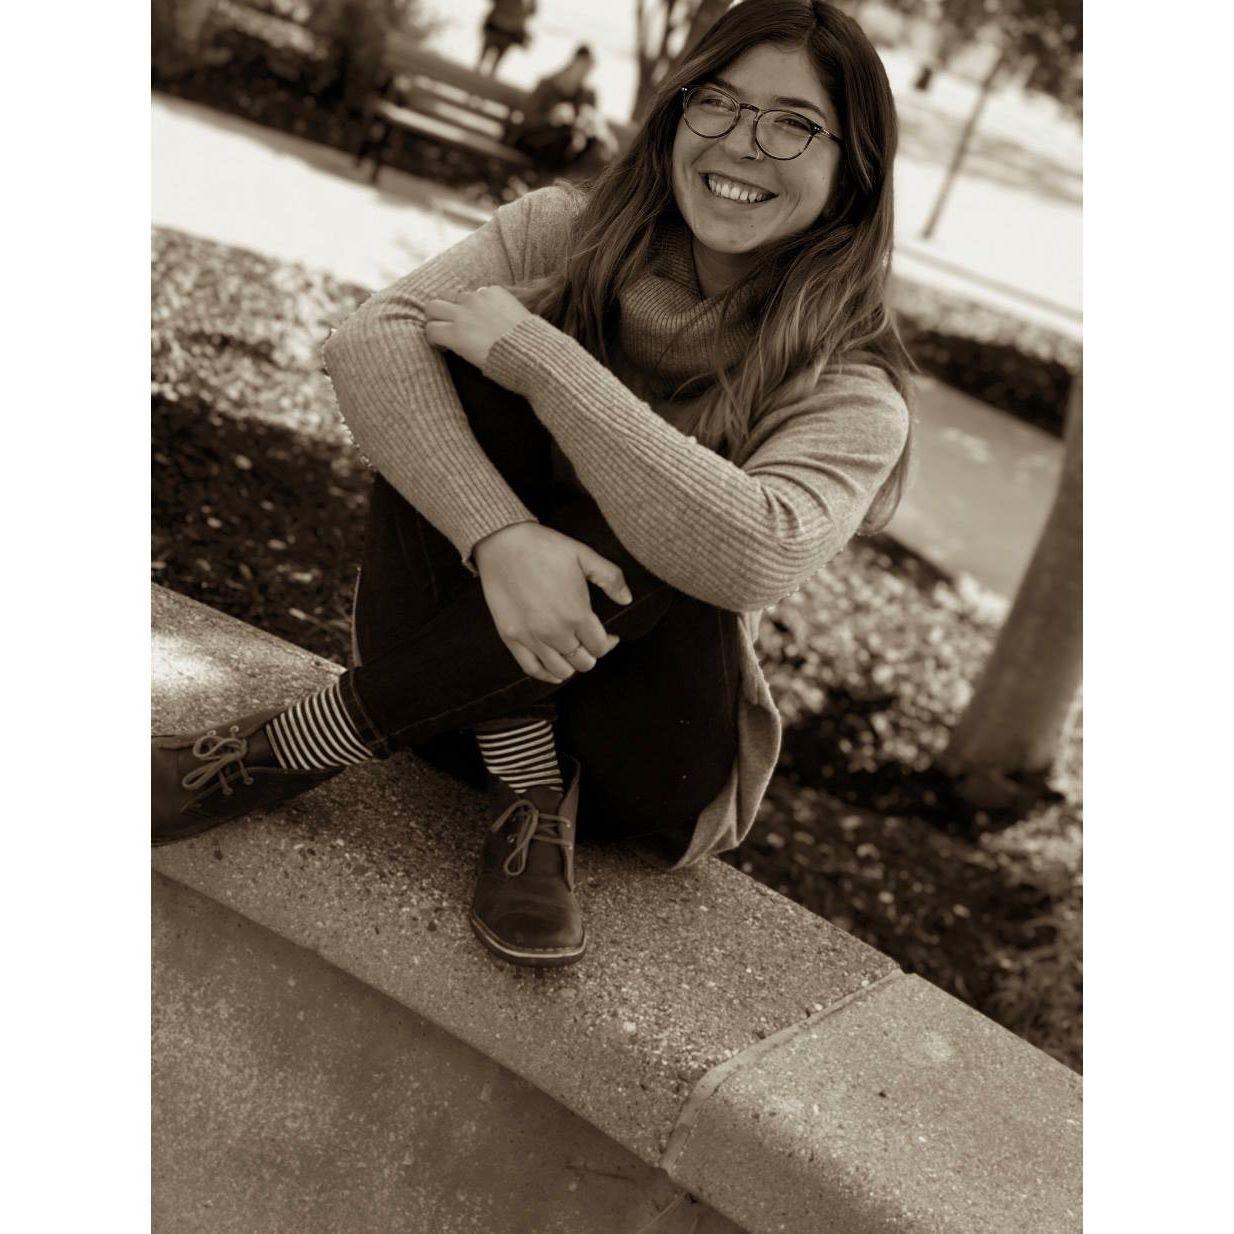 Student Lorean Alvarez sitting in a pose